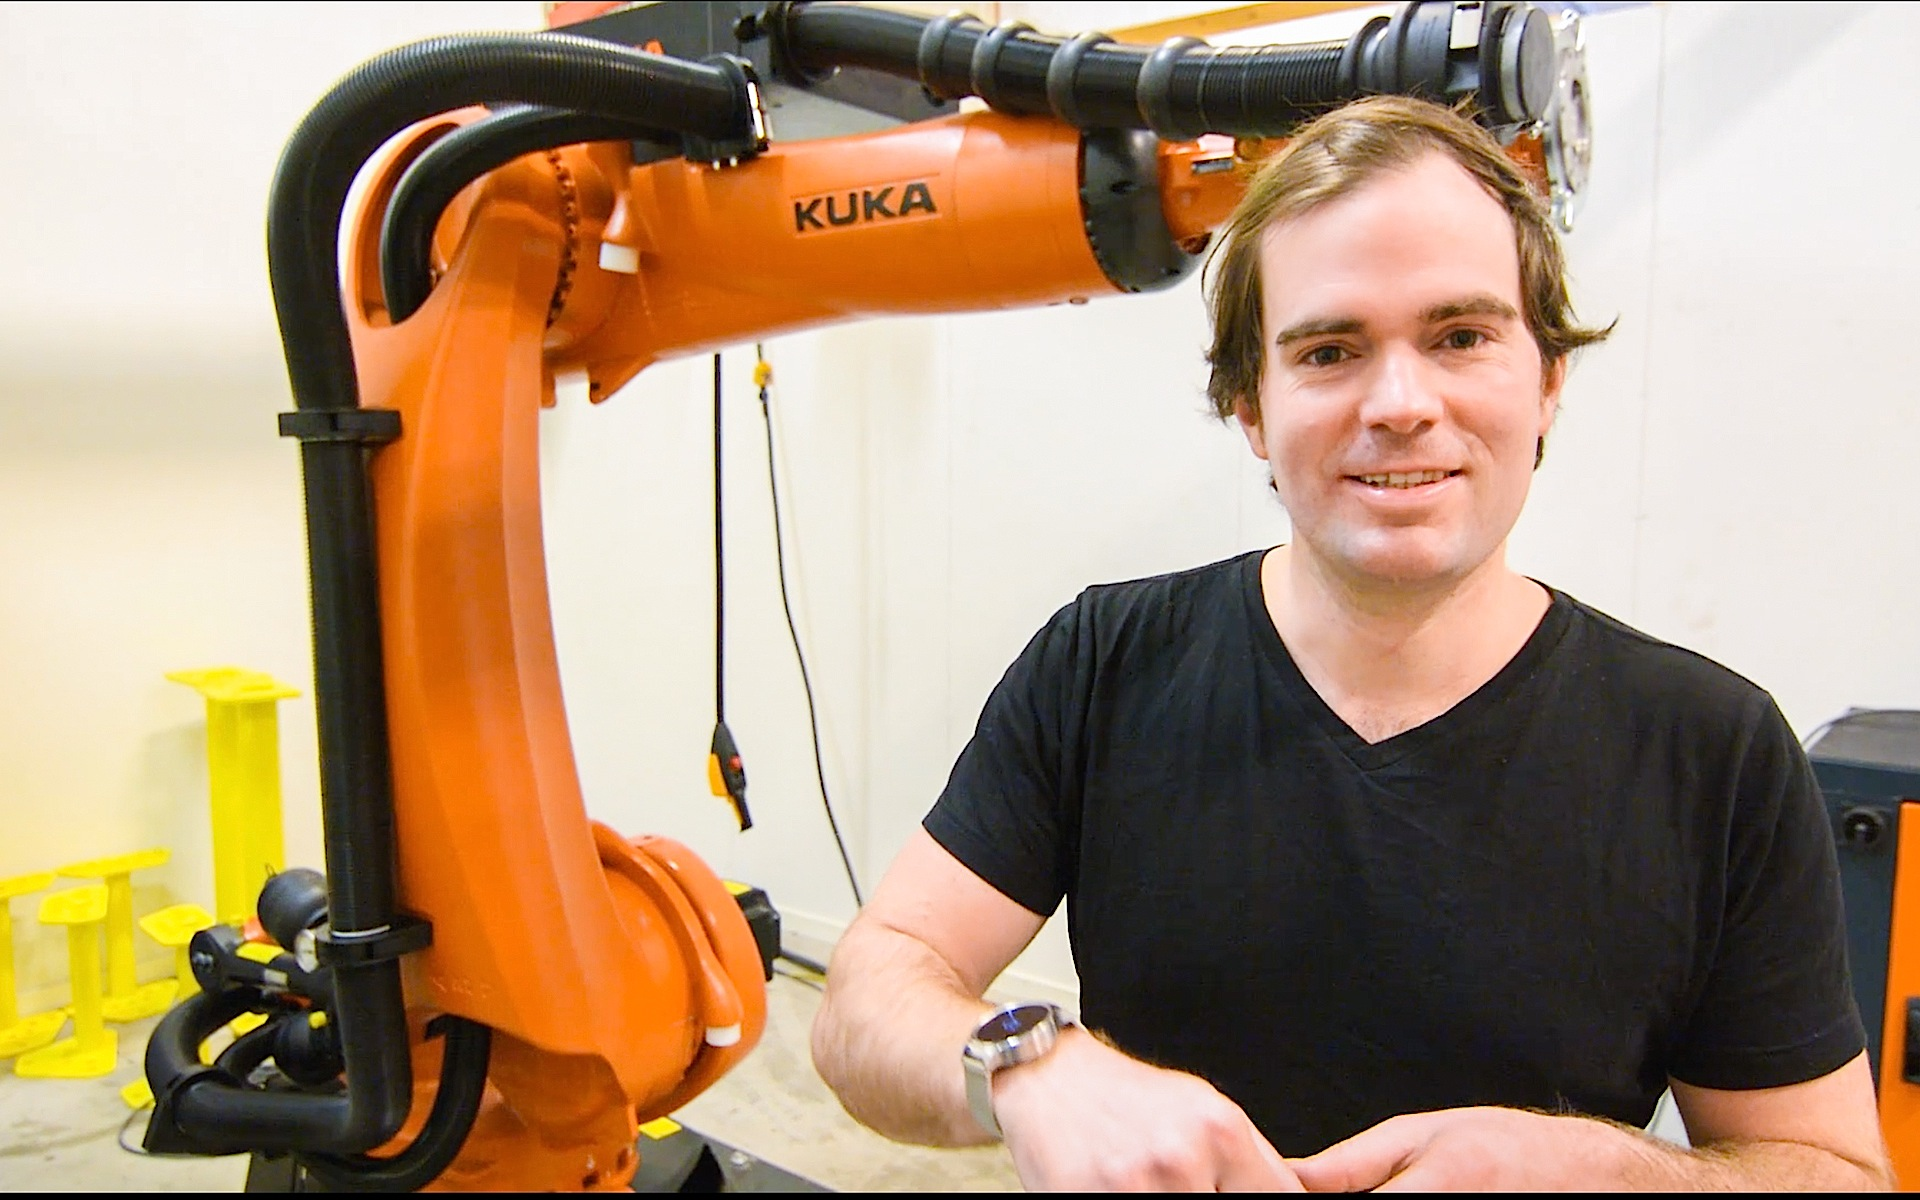 Uniti-UnternehmenschefLewis Horne vor einem Kuka-Roboter: Das schwedische Start-up Uniti plant eine vollautomatische Autoproduktion.